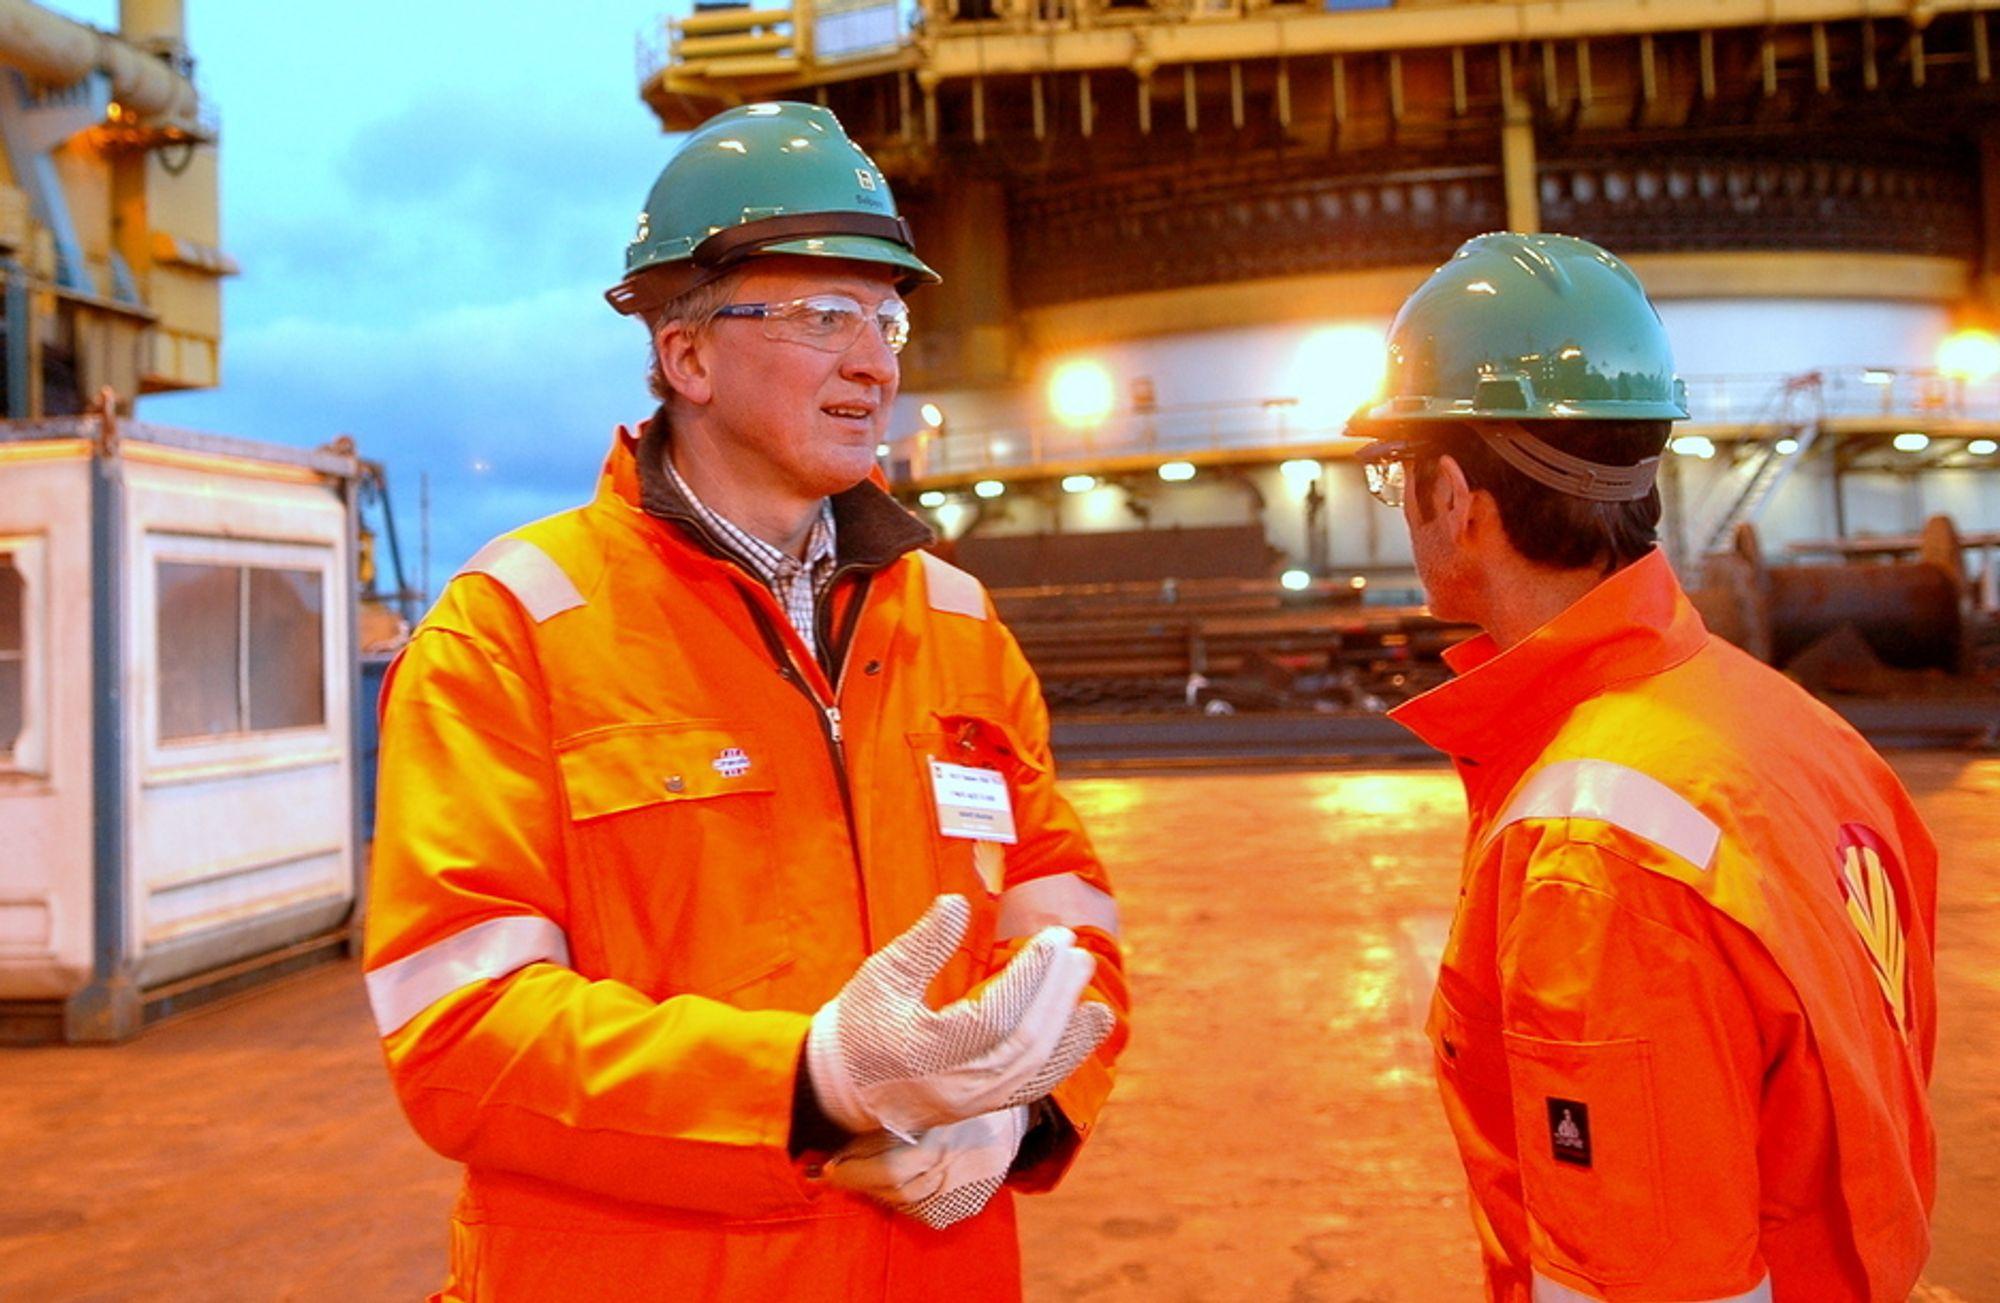 NORSKEHAVET:  - Norskehavet er et viktig område for Shell, og Linnorm-prosjektet utfyller våre nåværende aktiviteter i regionen, hvor Shell er operatør for Ormen Lange og Draugen, sier direktør Bernt Granås i Shell Projects and Technology. Her fra nedsettingen av produksjonsramme tre på Ormen Lange.